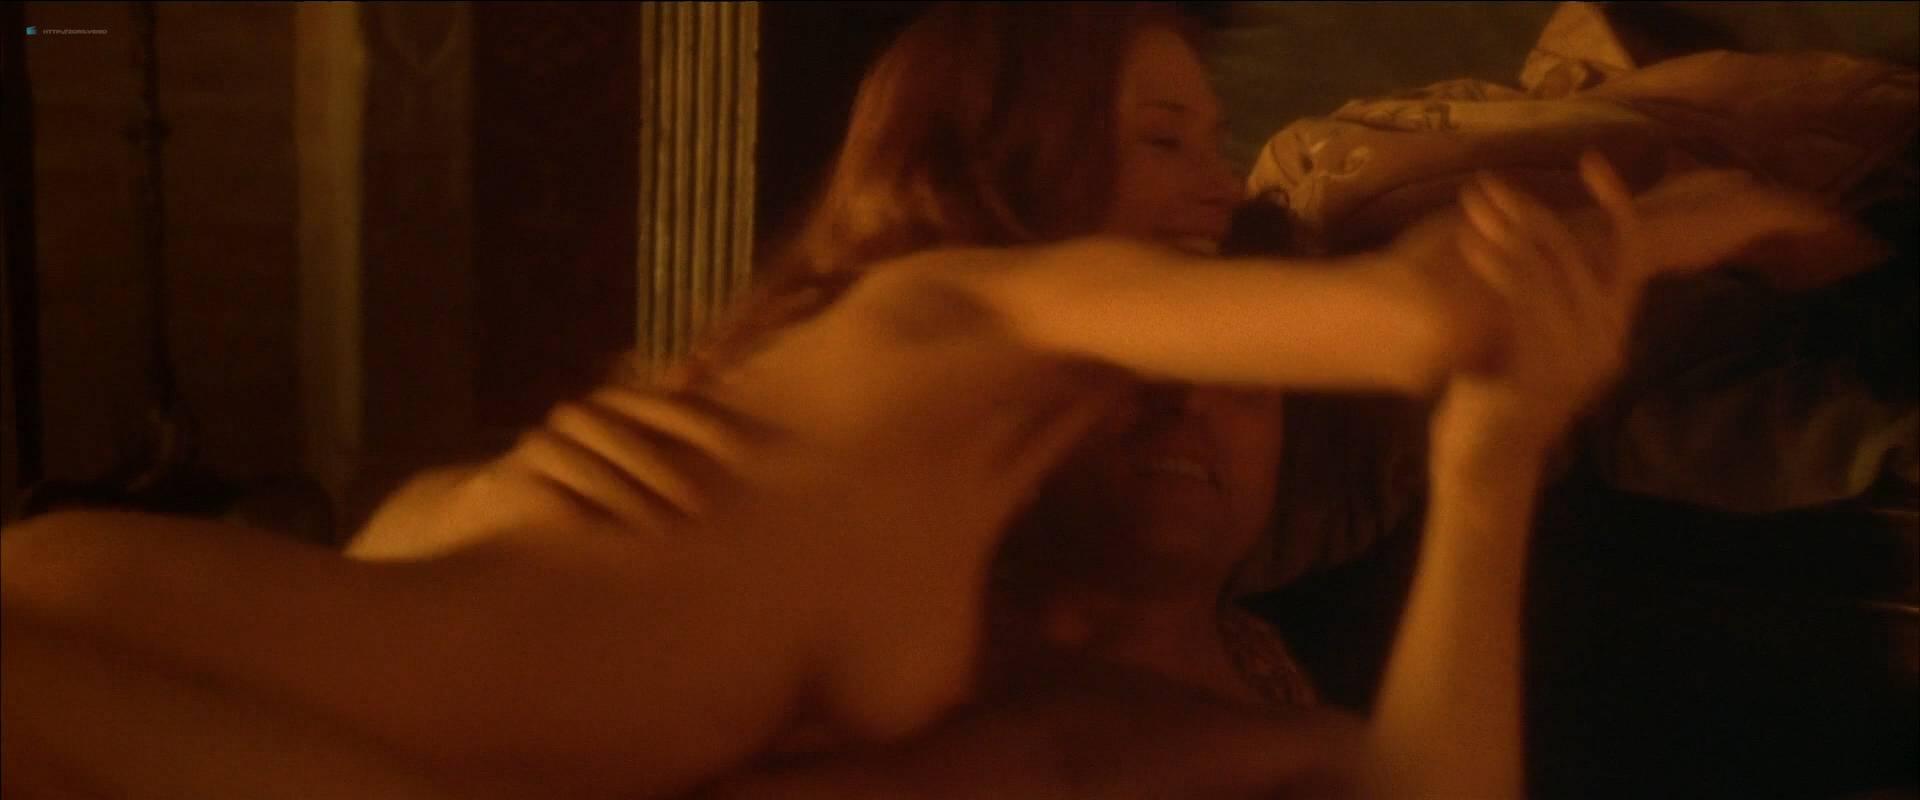 Mary mccormack nude sex, cameron v xxx